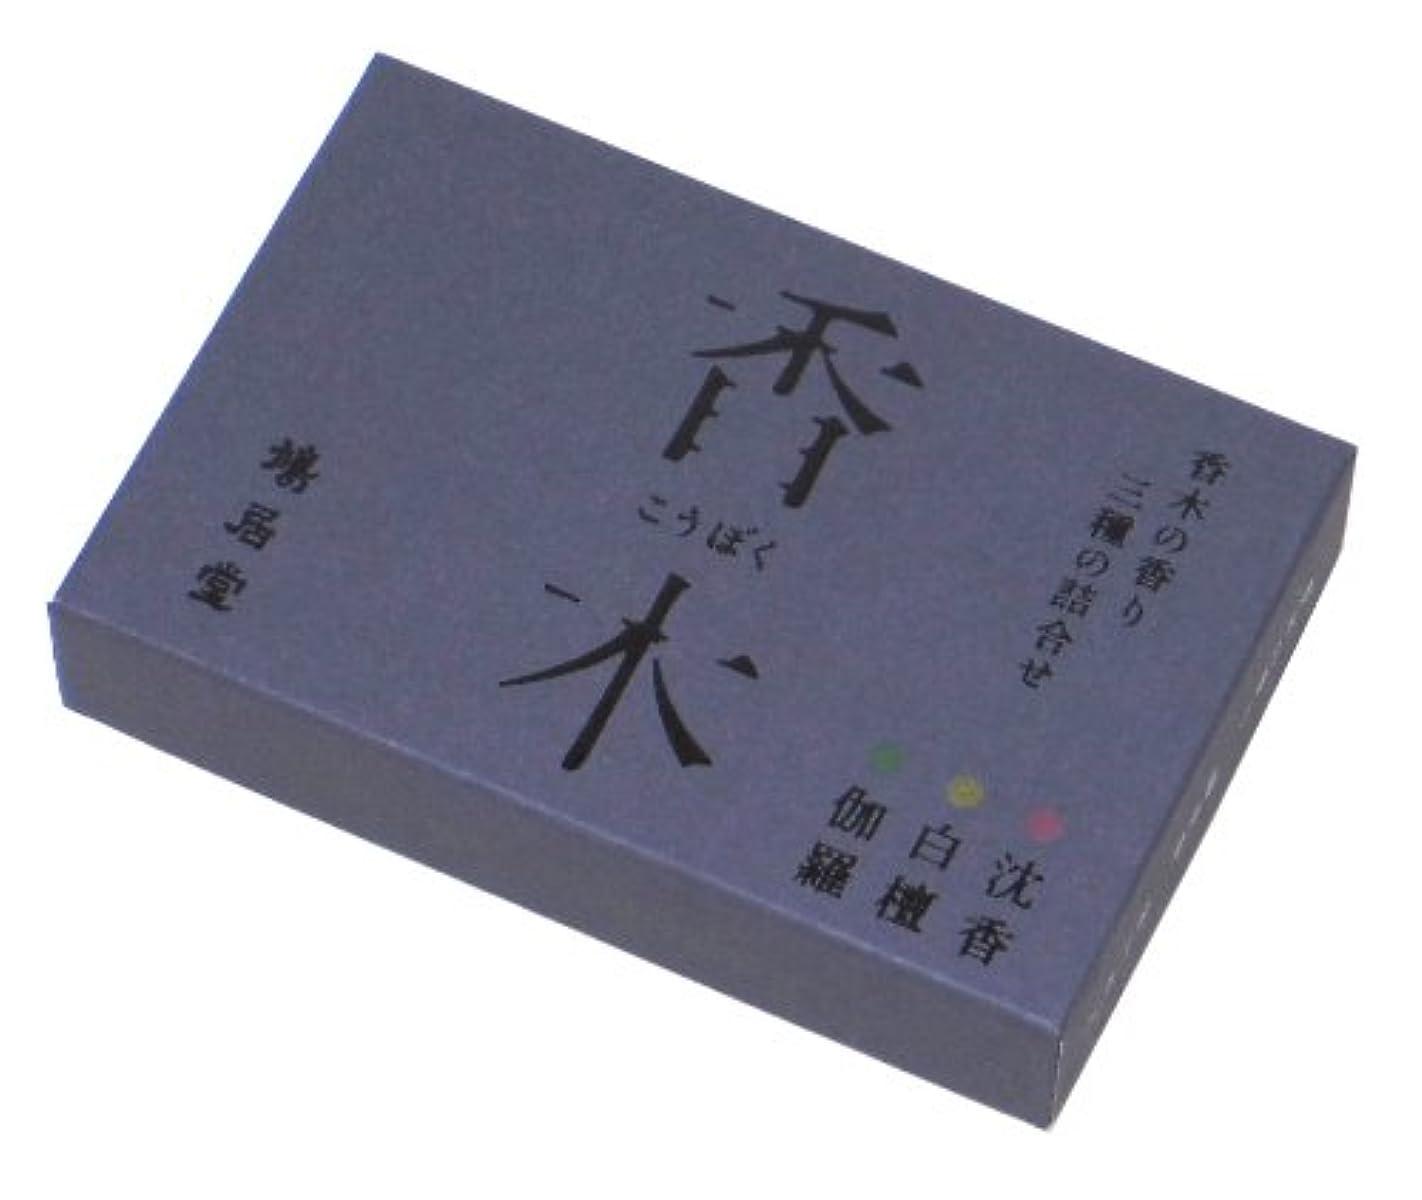 センサー確立します骨鳩居堂のお香 香木の香り3種セット 3種類各10本入 6cm 香立入